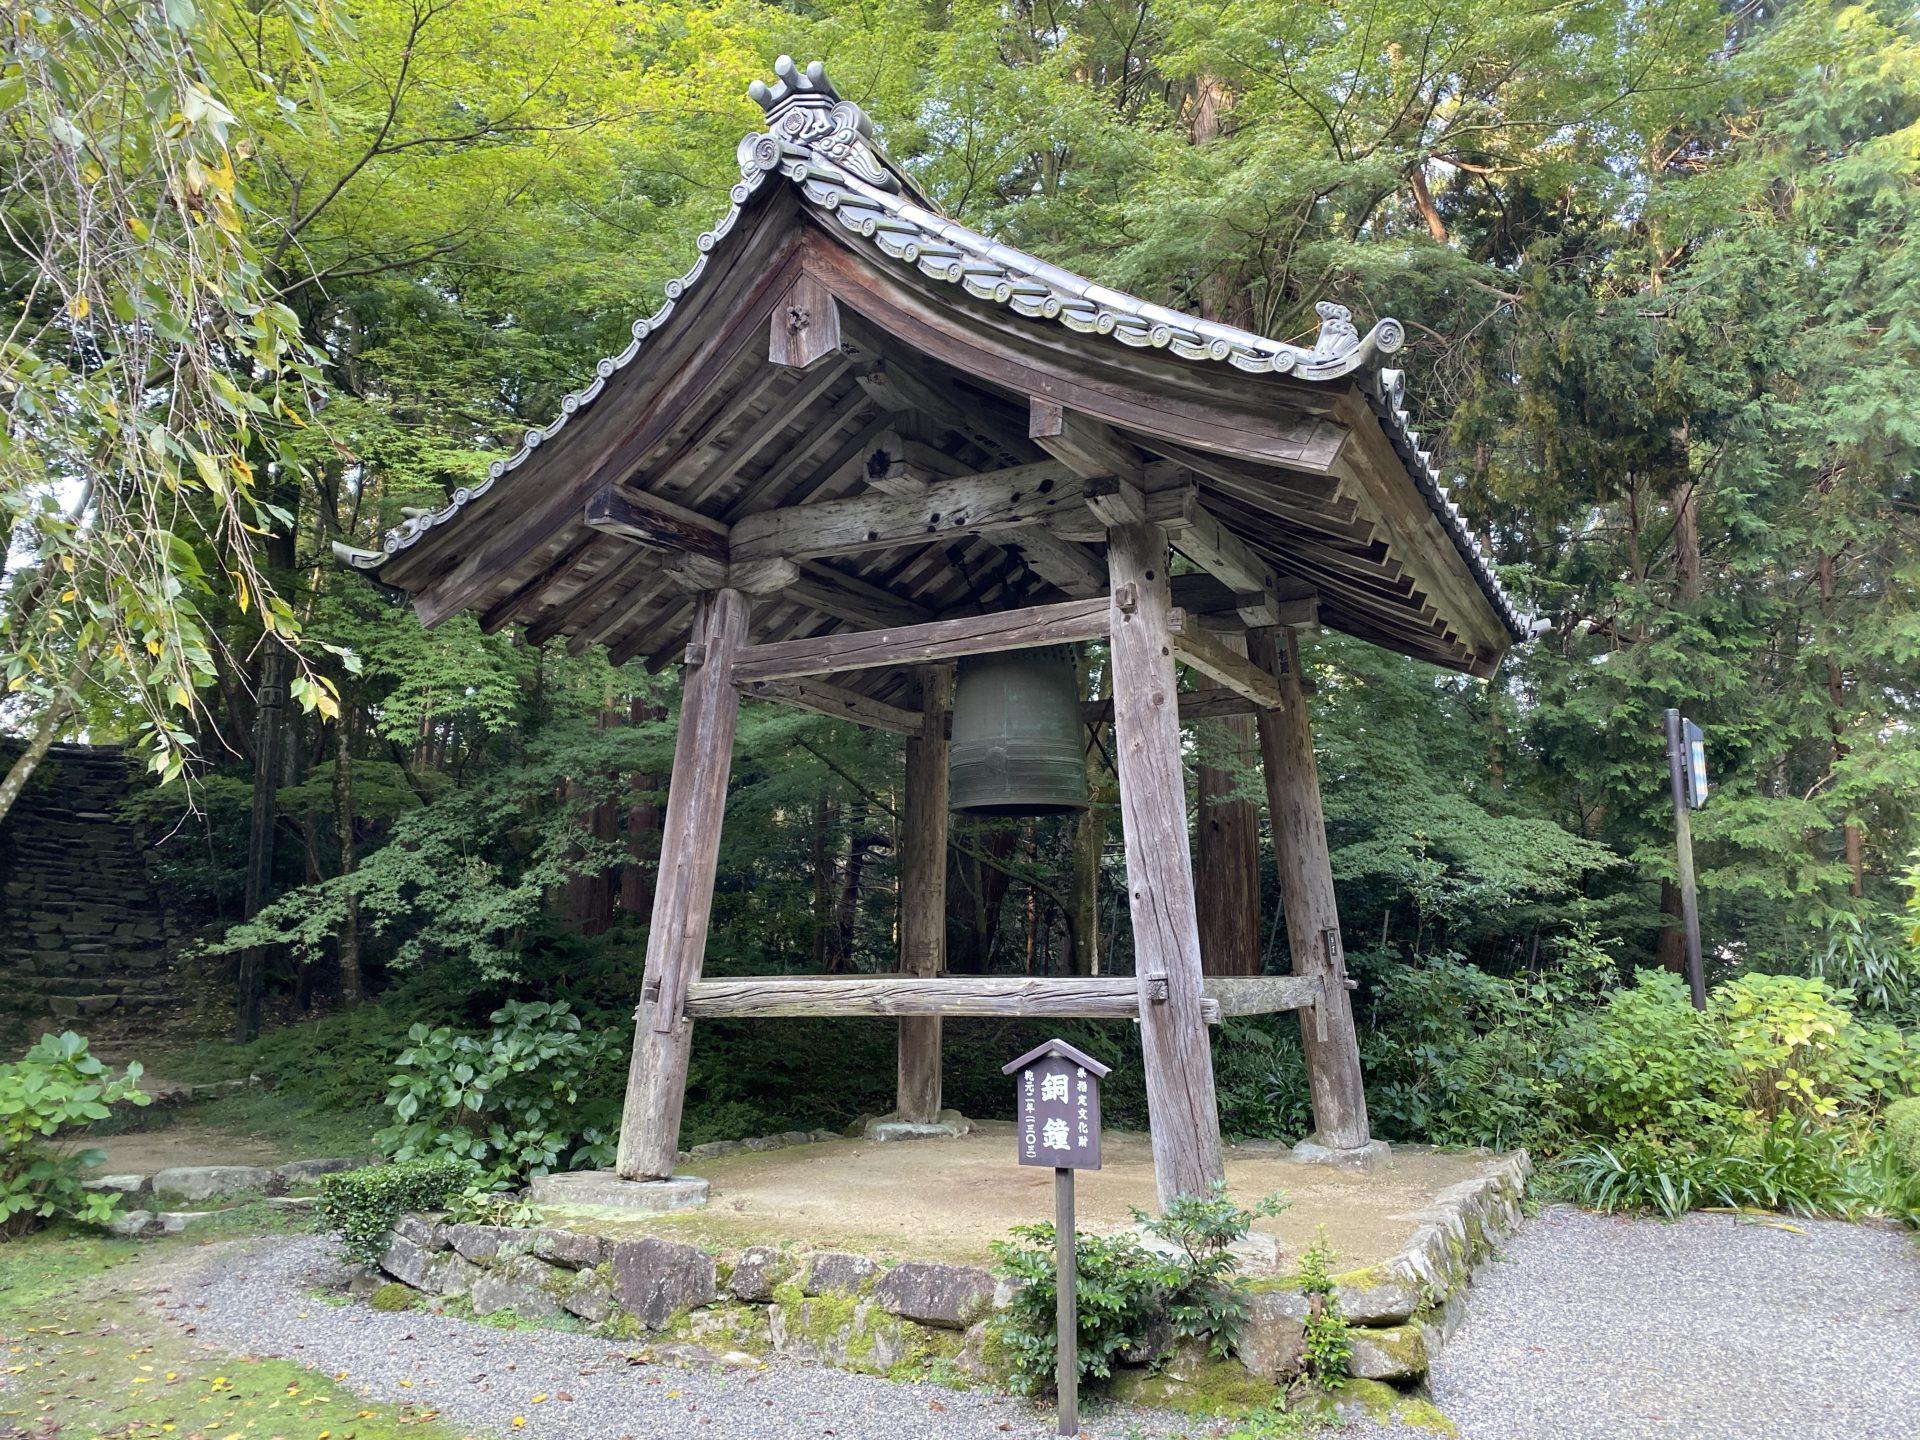 金剛輪寺の銅鐘